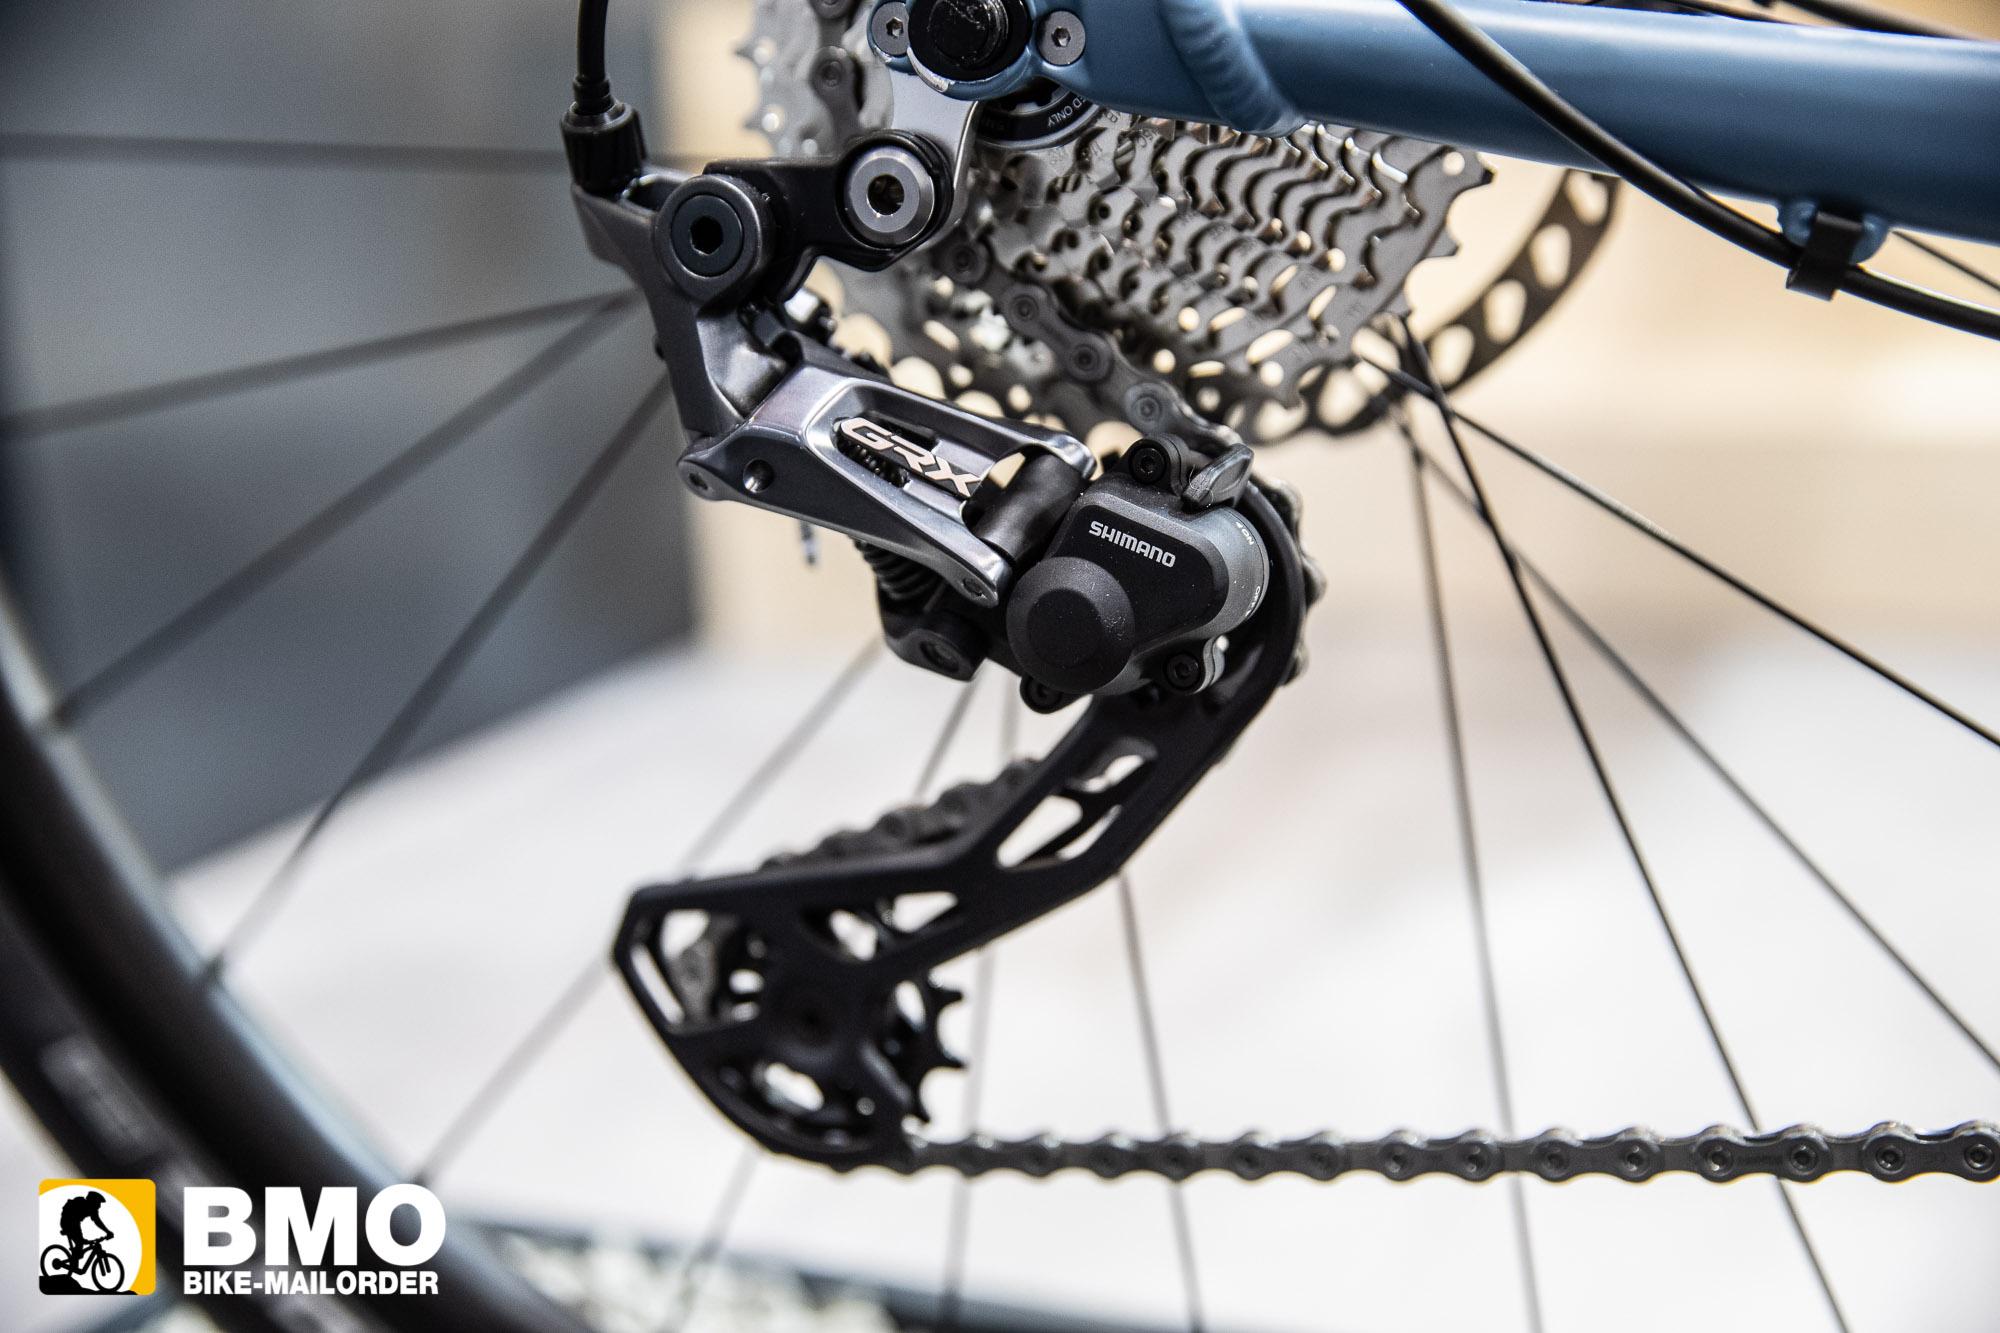 Bike-Mailorder_eurobike-2019-49